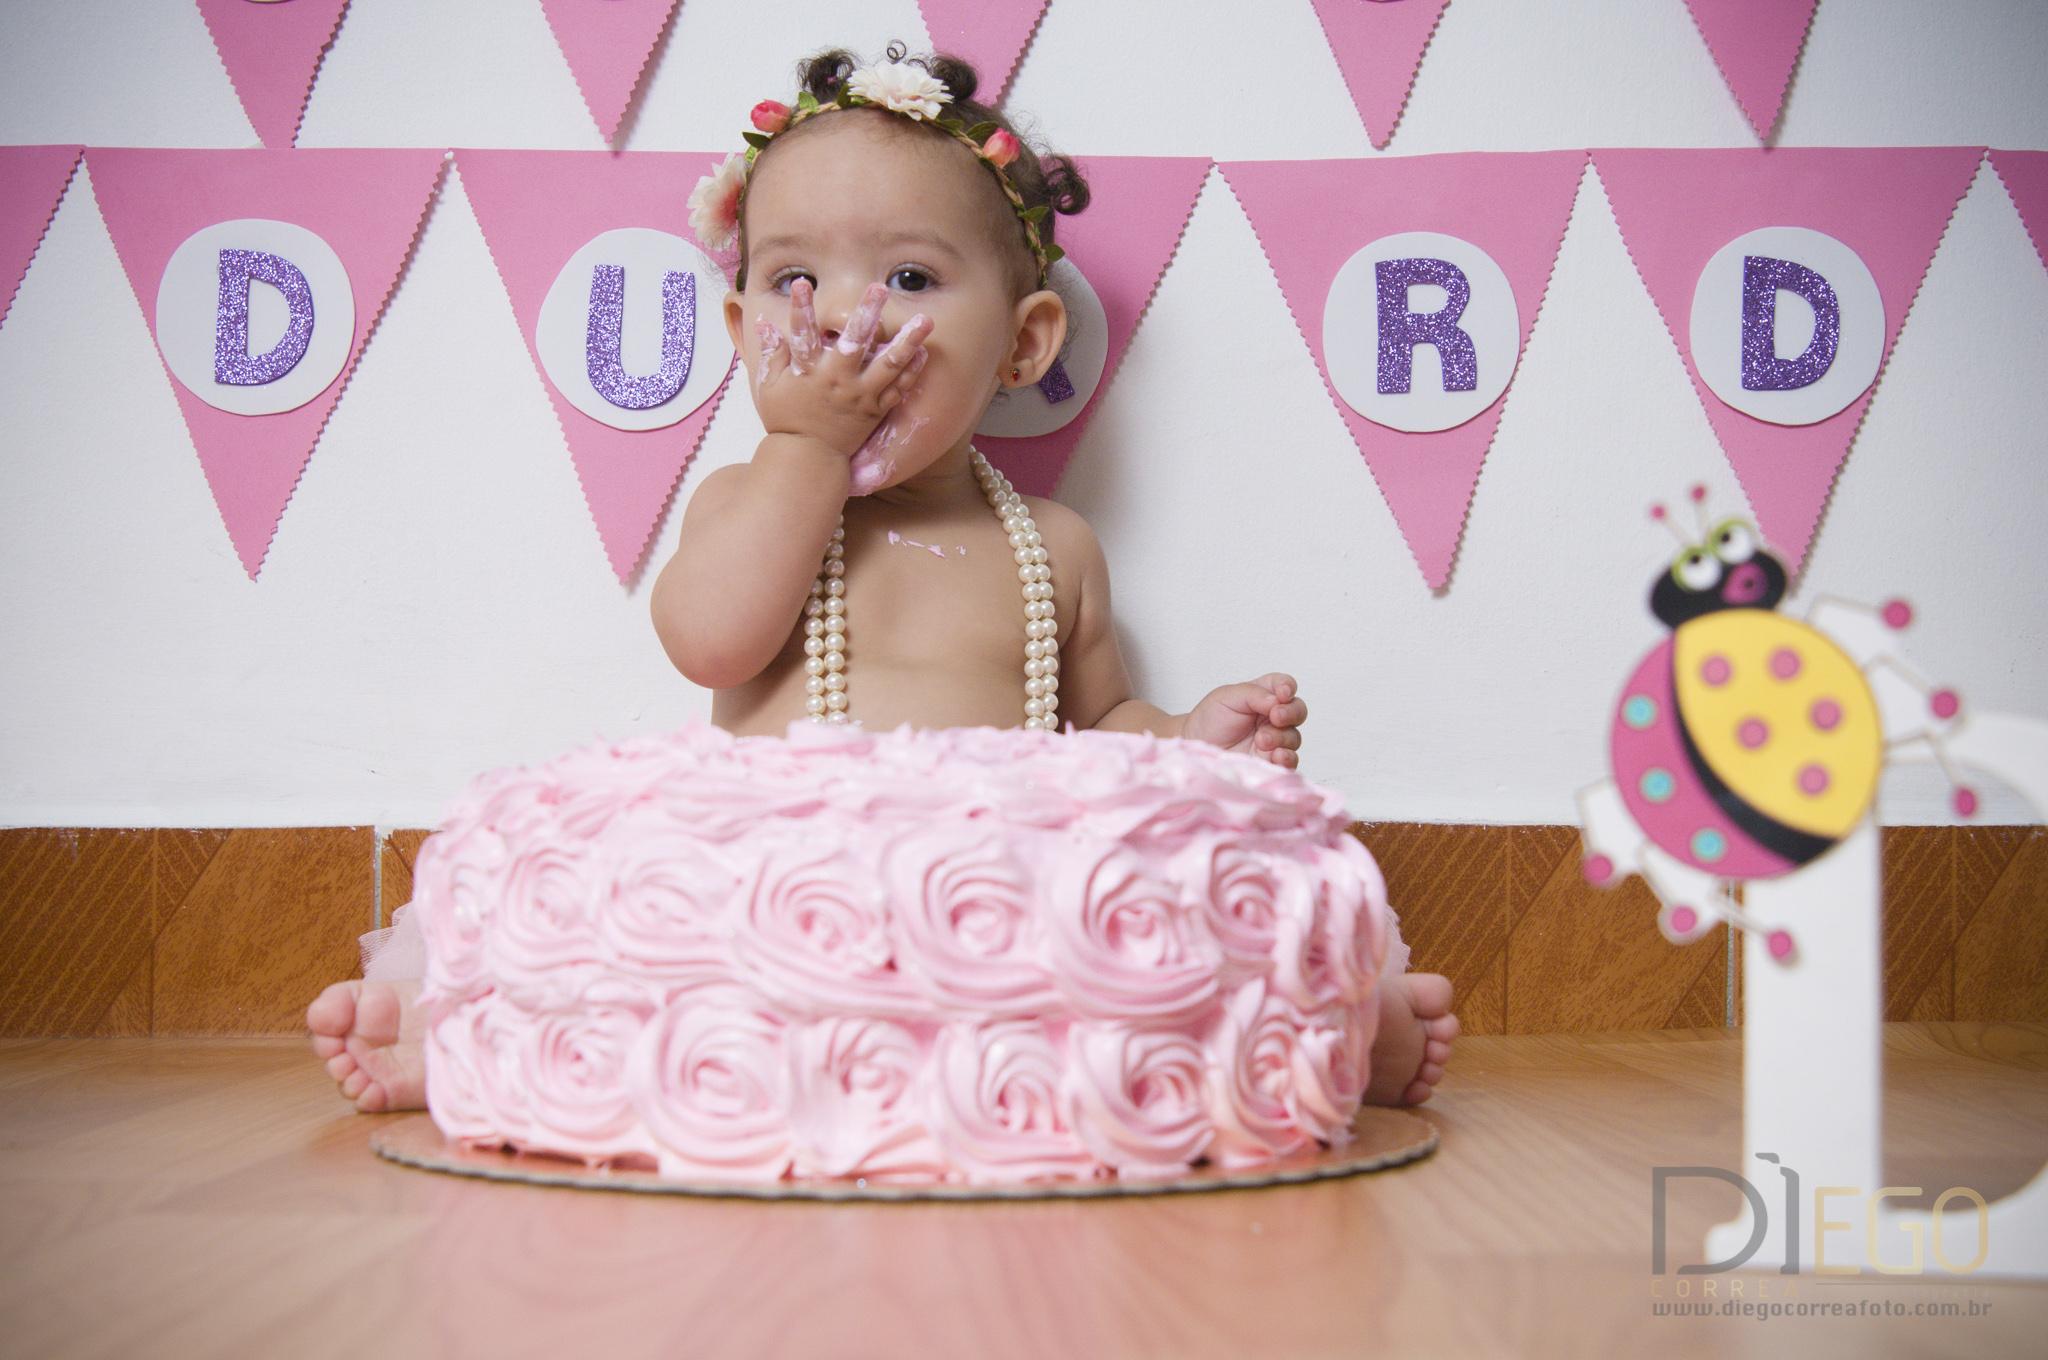 Smash the cake - Duda (Prévia)-3.jpg